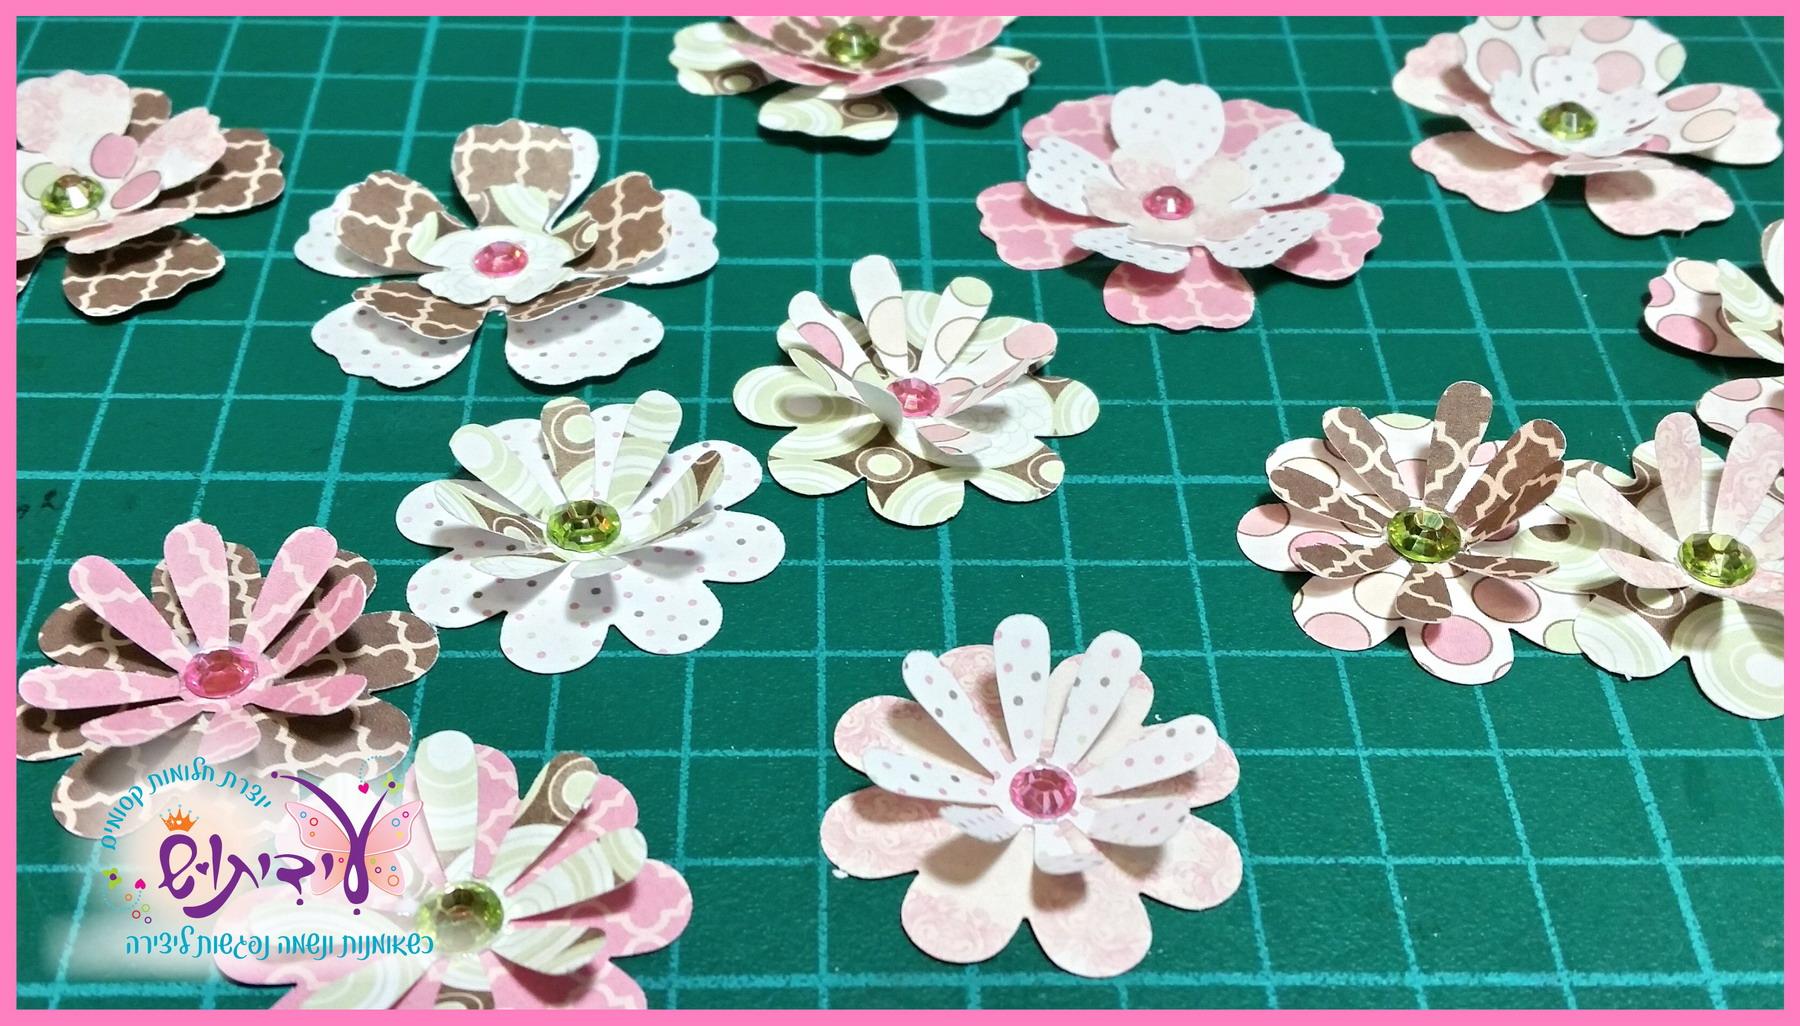 הדרכת יצירה כדורי אור - הכנת הפרחים